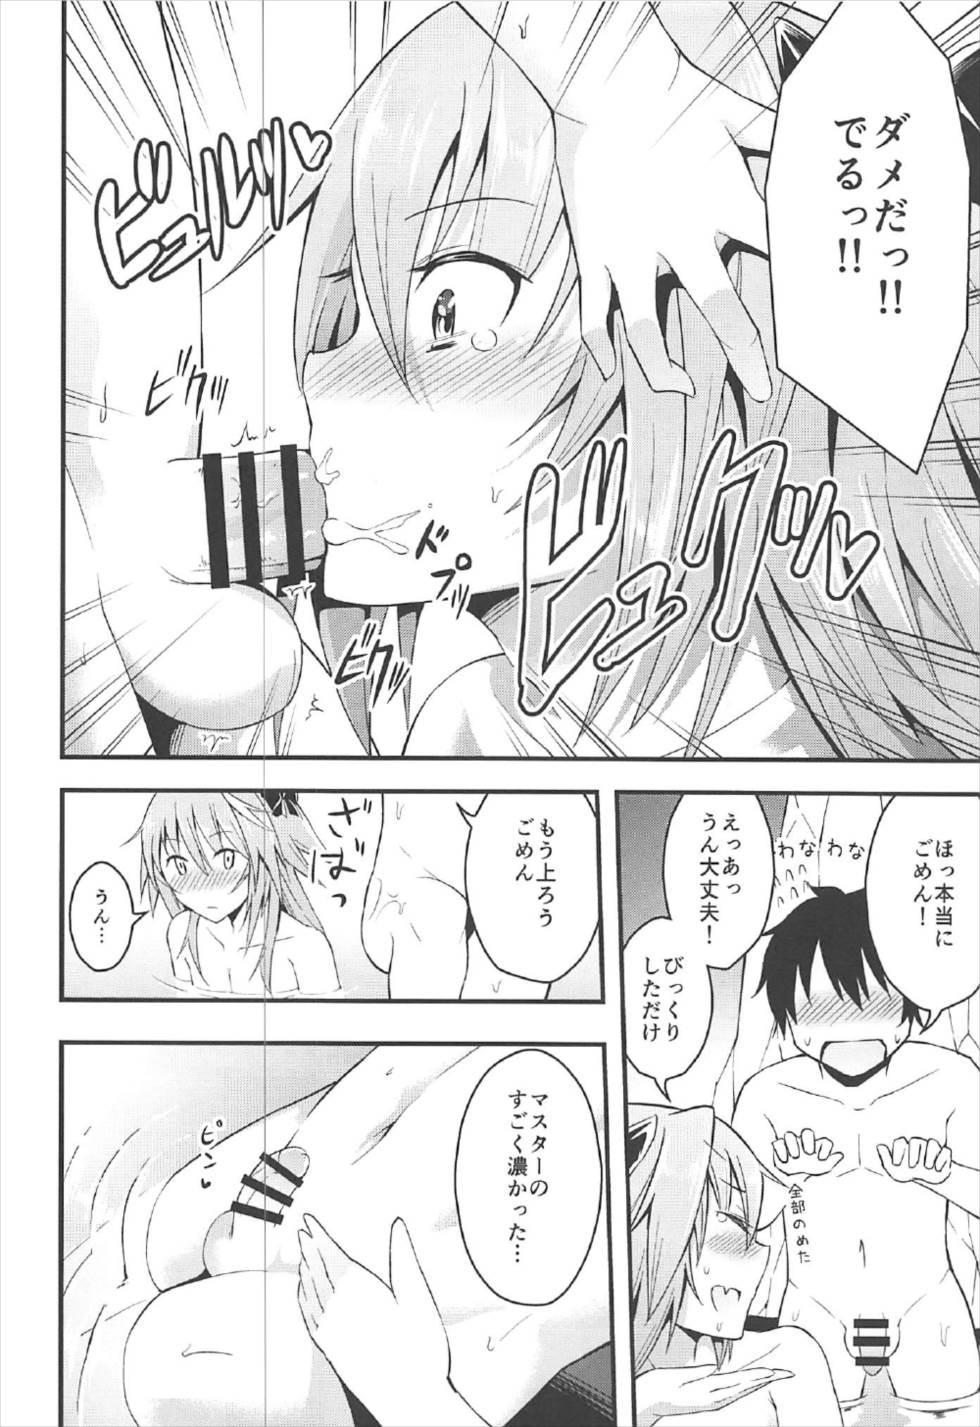 Sekai ga Heiwa ni Natta node Astolfo to Onsen Ryokou ni Ikimashita 10